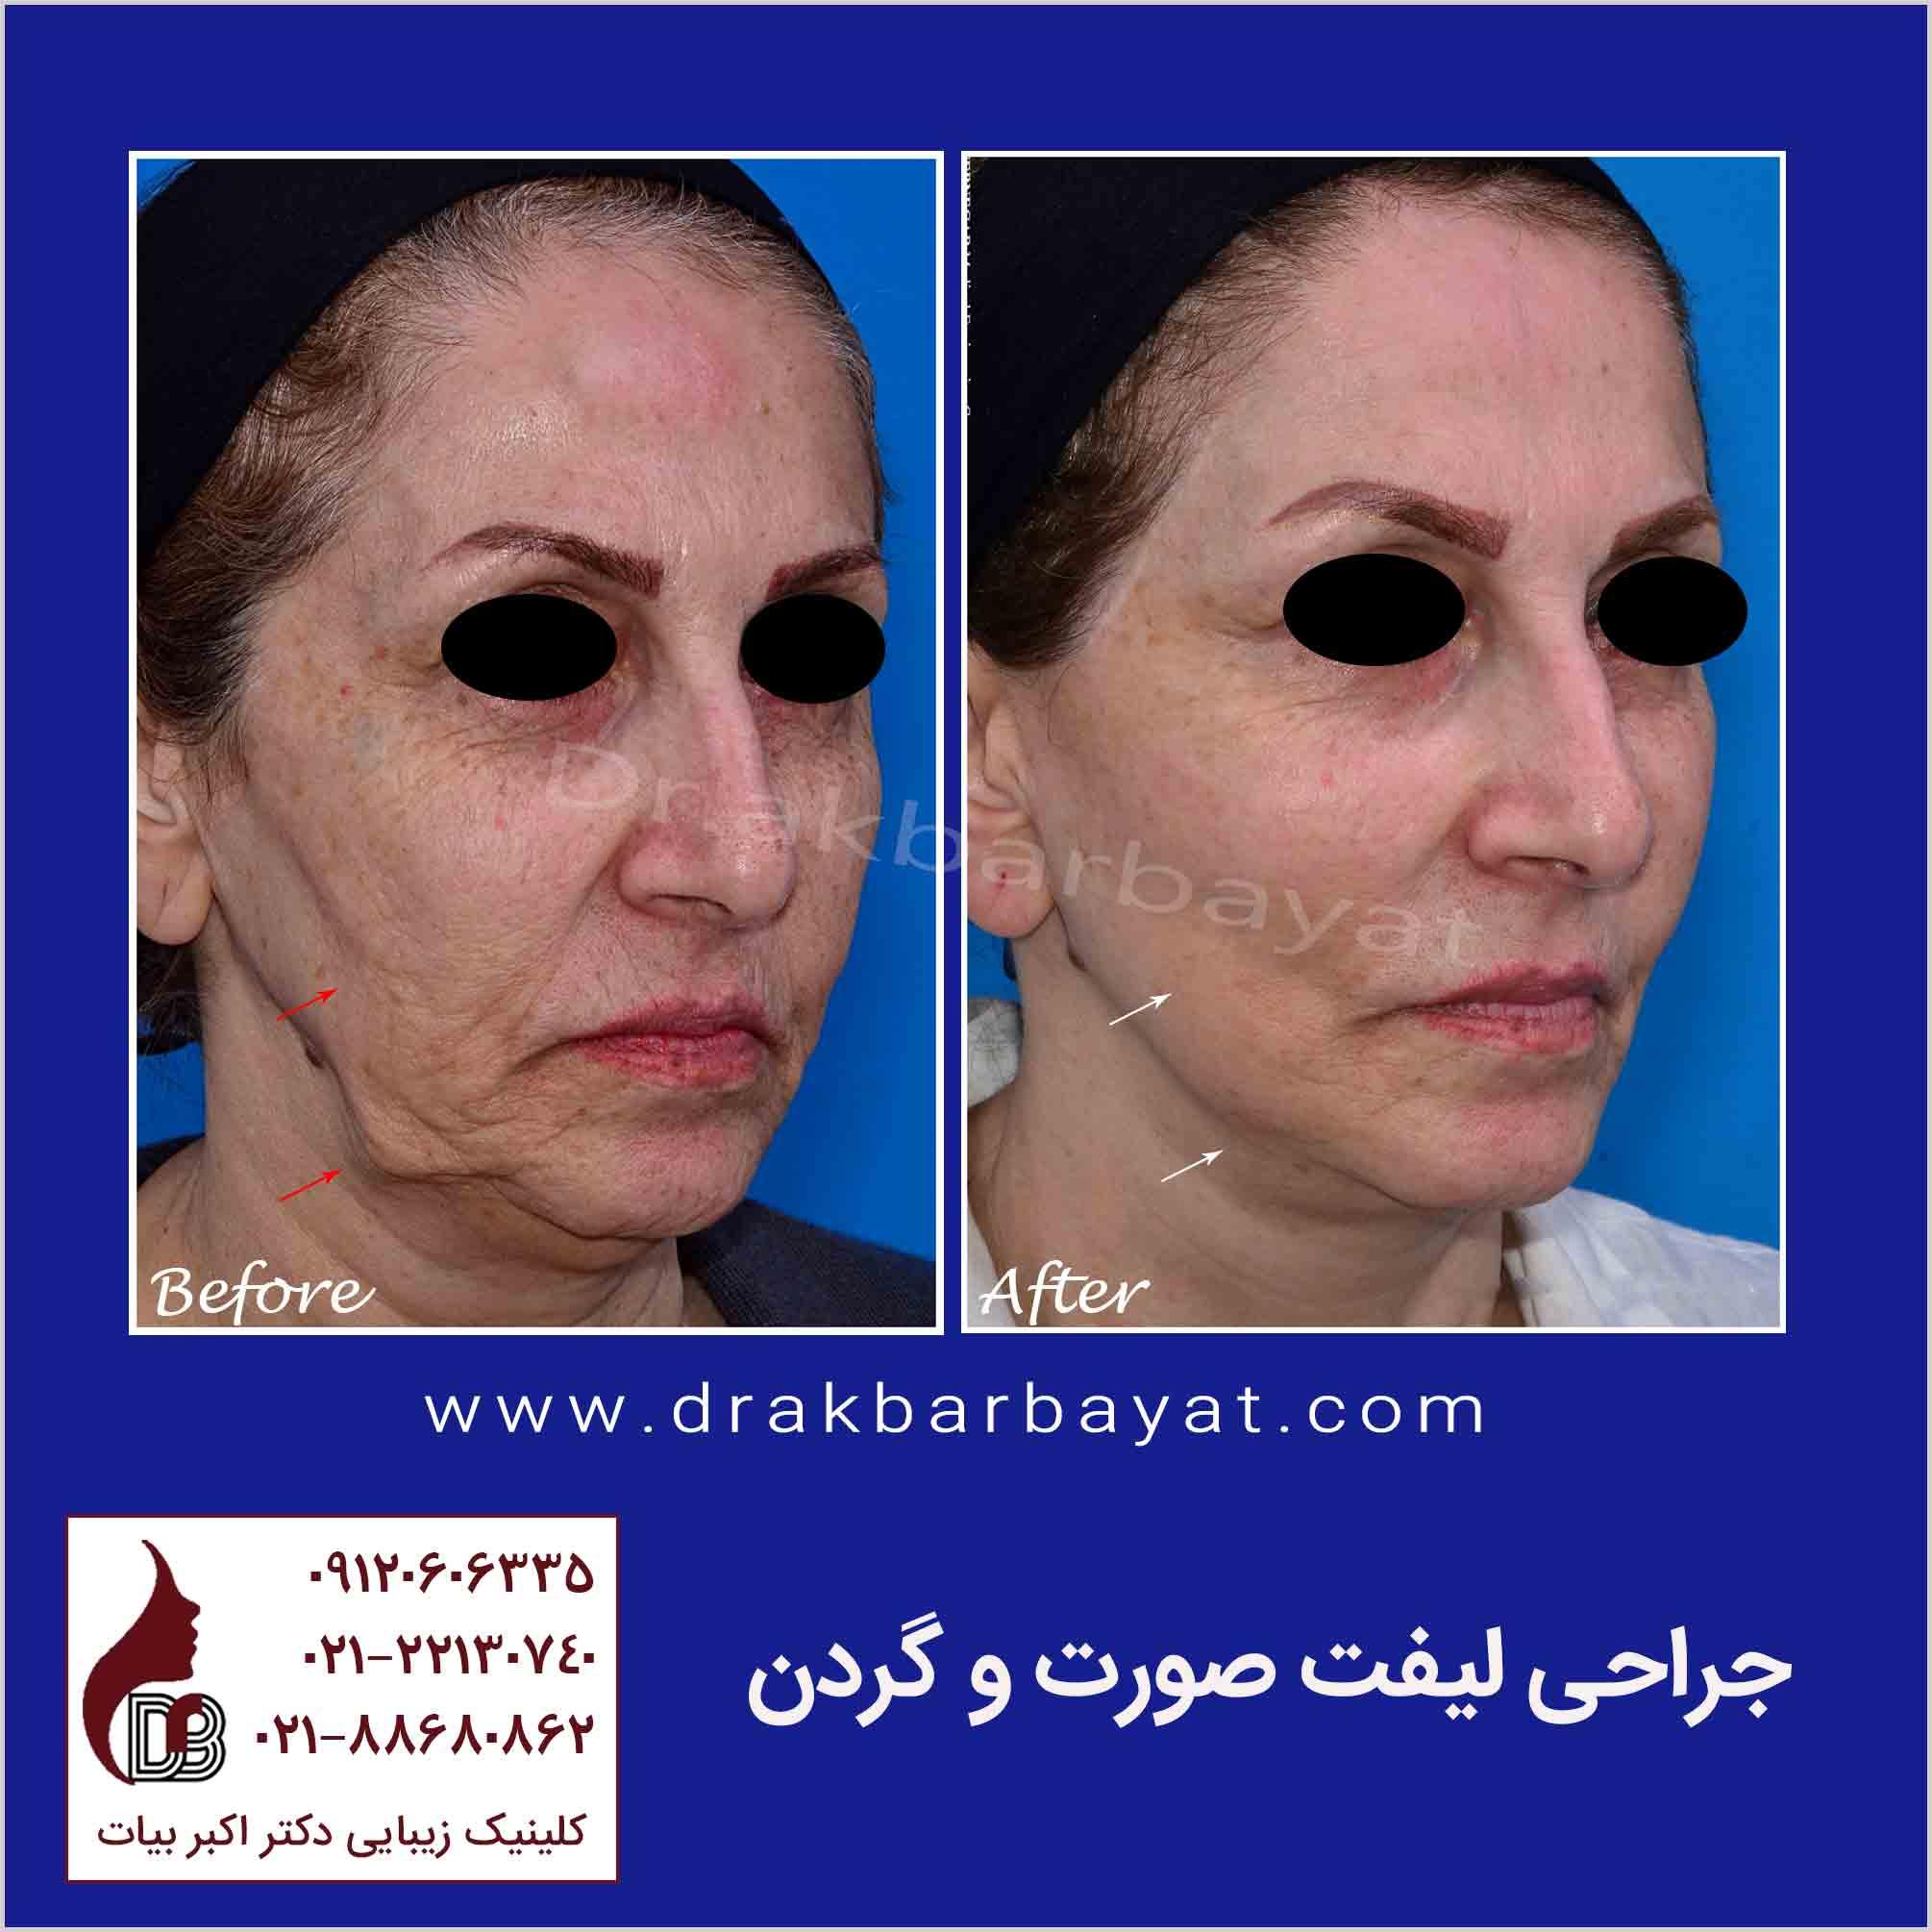 جراحی لیفت صورت و گردن | تصاویر قبل و بعد جراحی